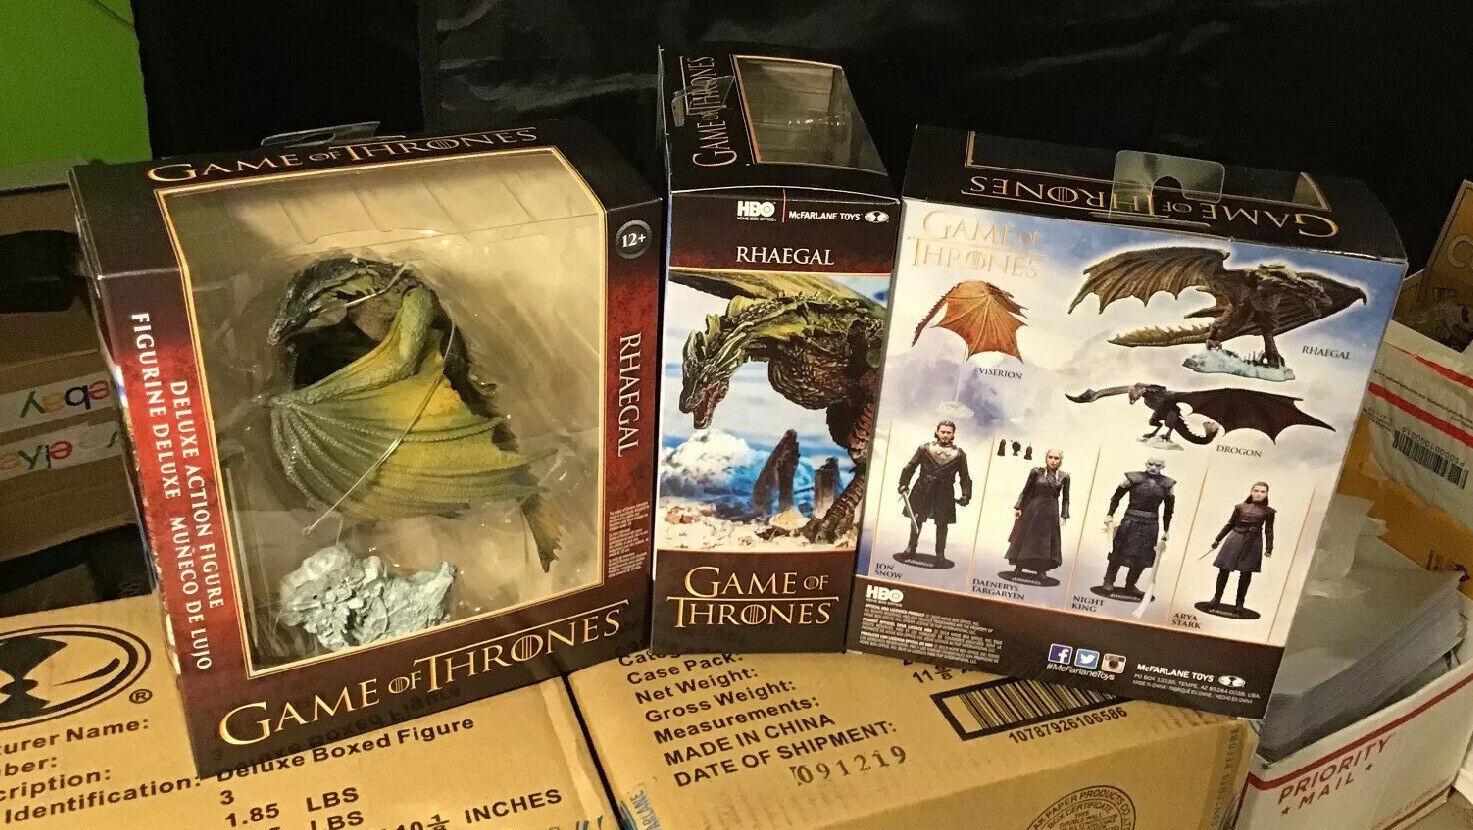 Rhaegal Deluxe Edition Figura da Game of Thrones